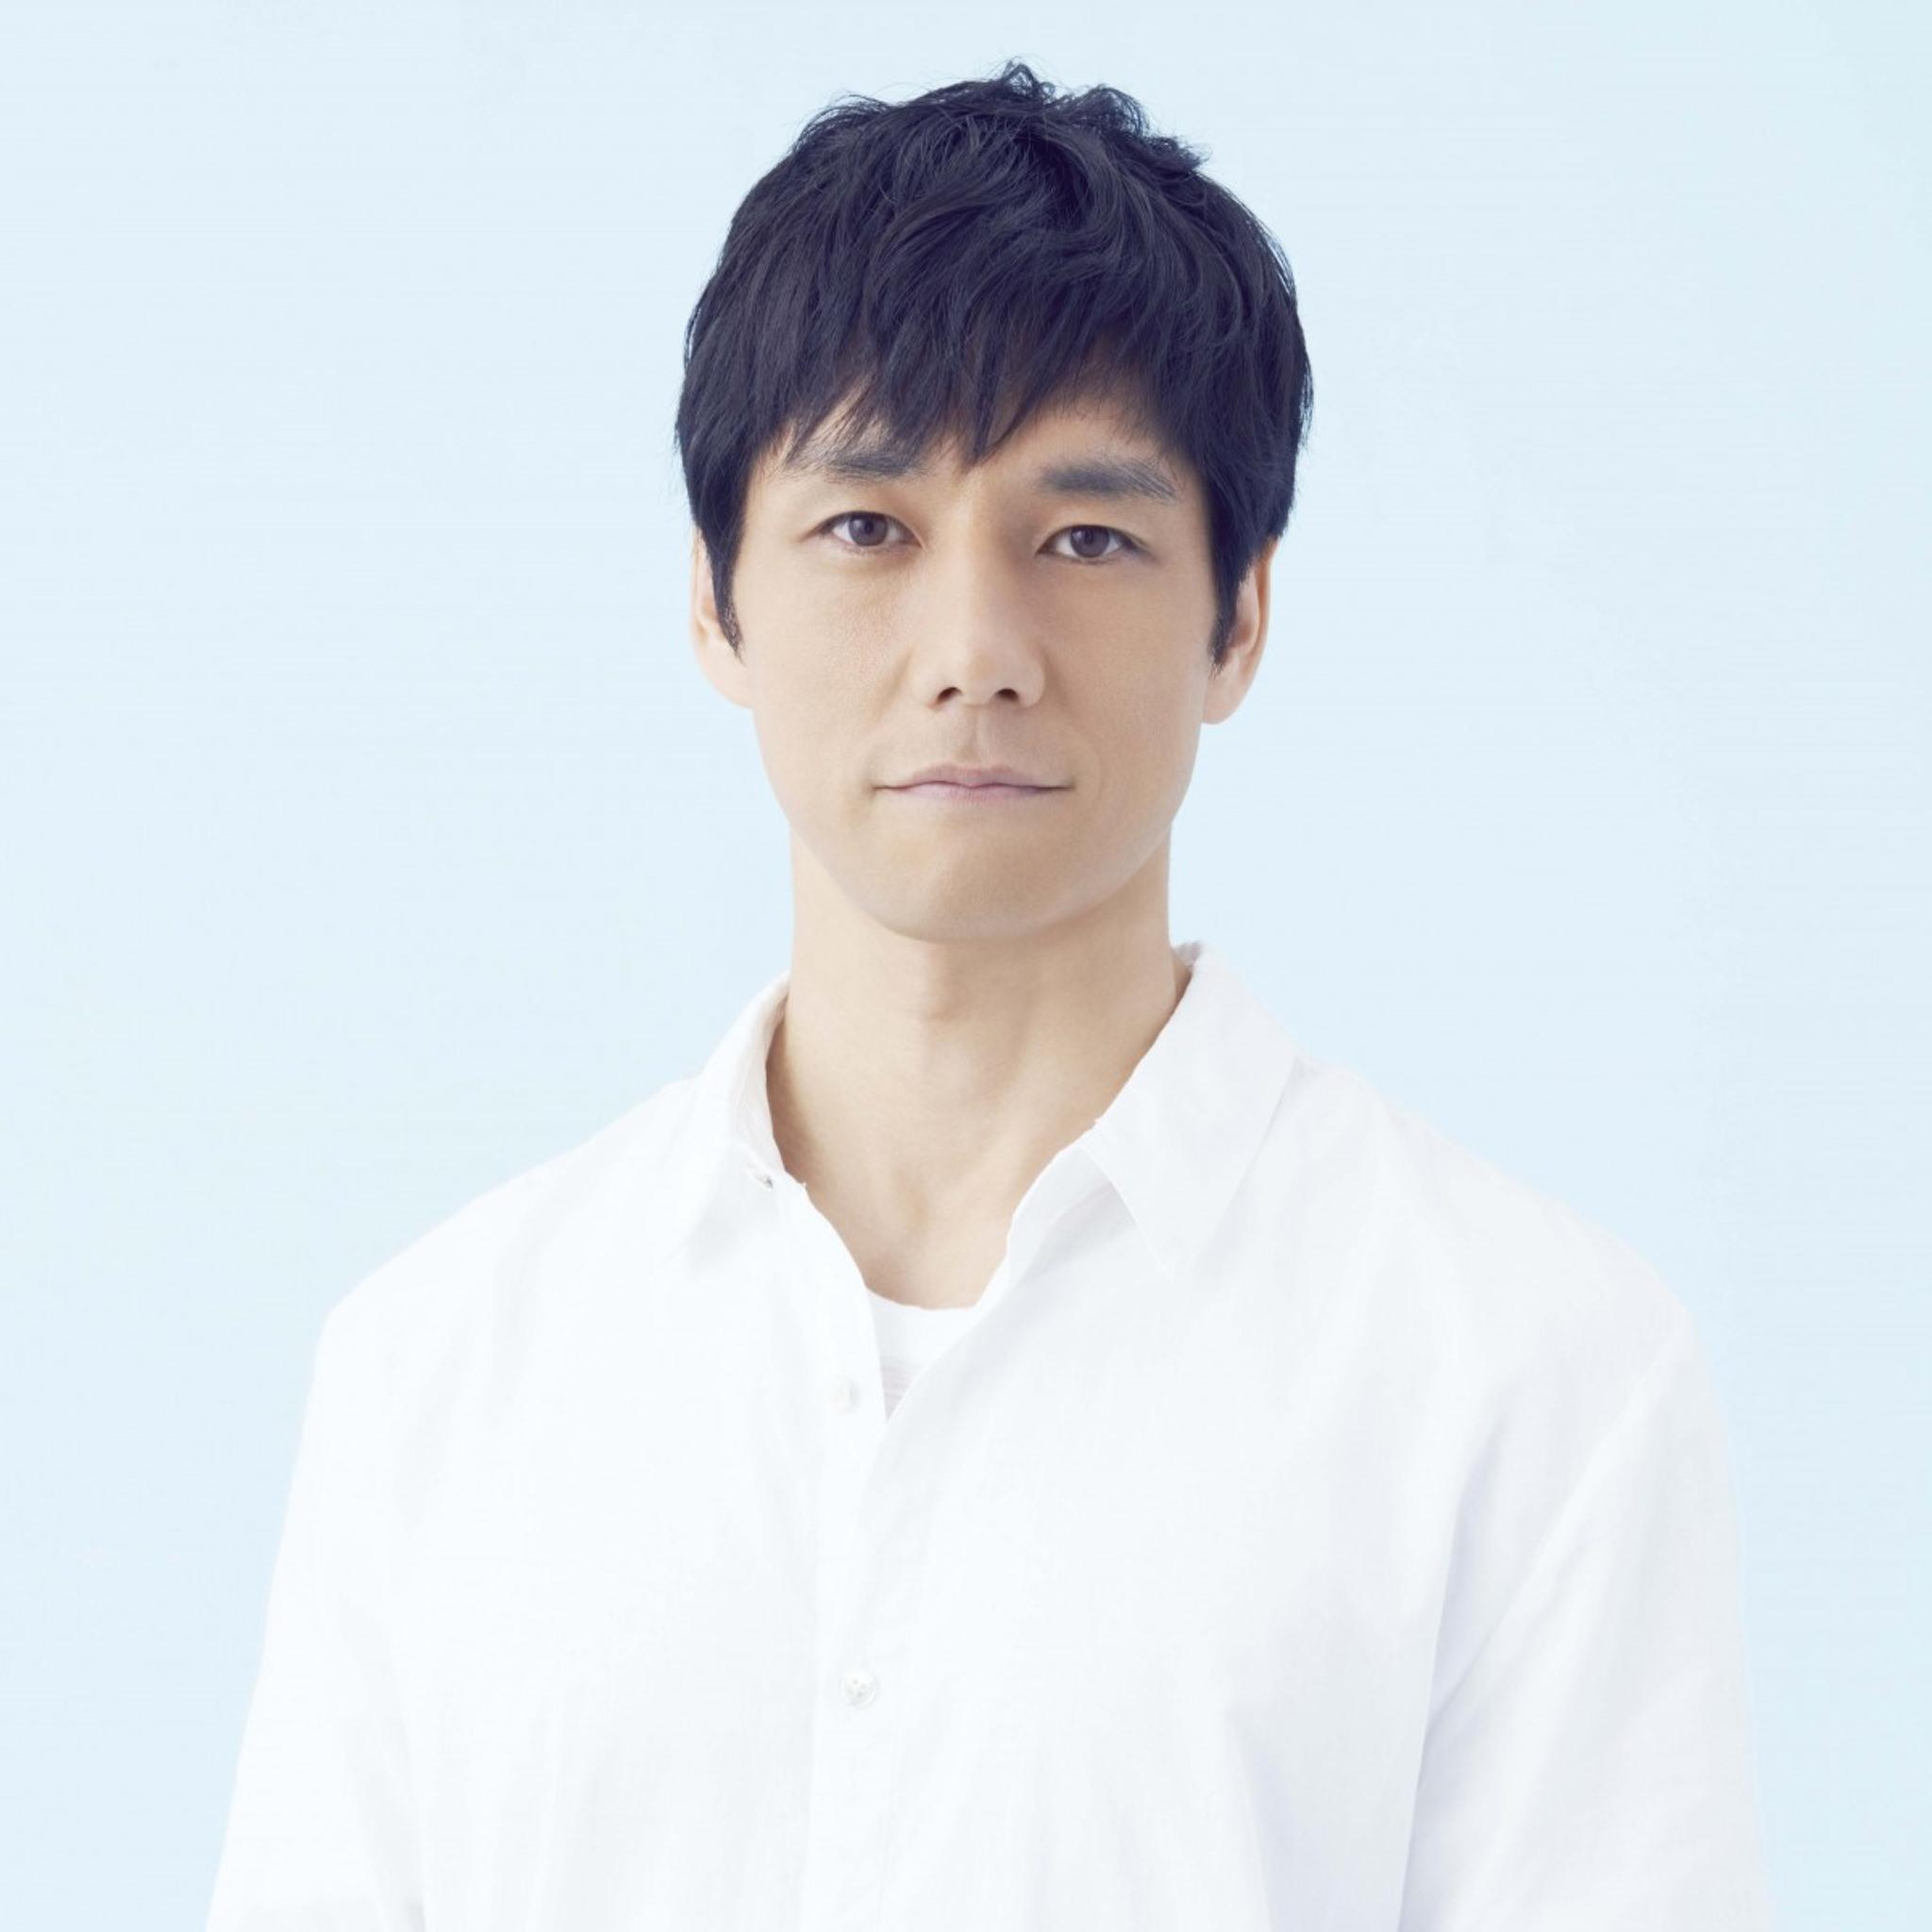 西島秀俊の主な出演CMまとめ!本数多い理由と口コミ人気はどれ?